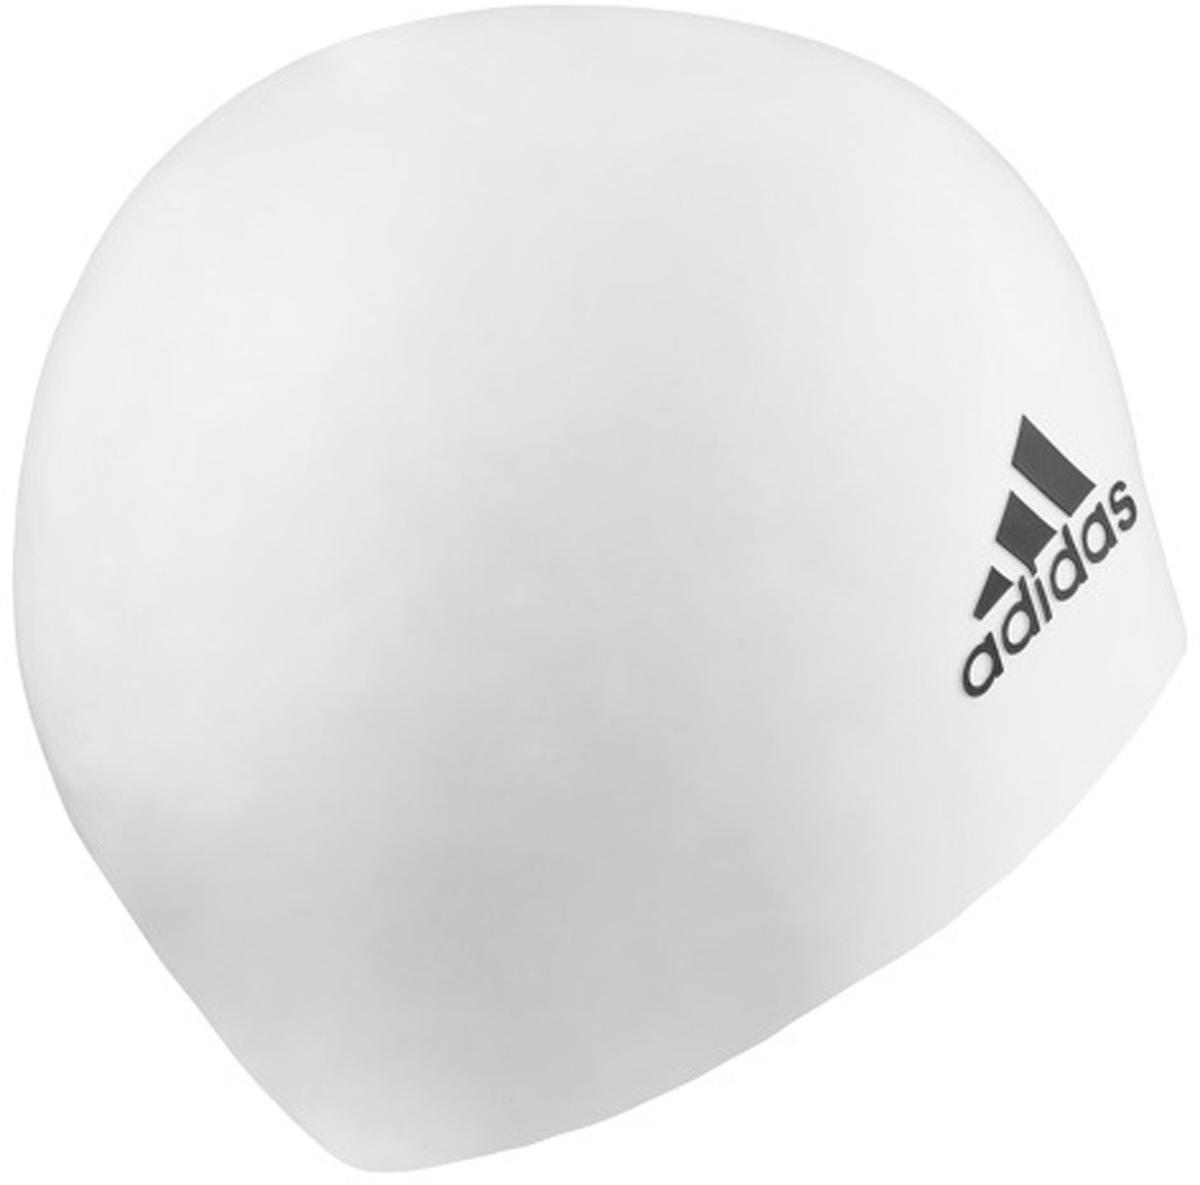 Шапочка для плавания Adidas Sil CP Logo 1PС, цвет: белый. 802315802315Лаконичная силиконовая шапочка для профессиональных пловцов. Плотно облегает голову, сохраняя волосы сухими в течение всей тренировки.Прочная и устойчивая к разрывуКомфортная и надежная посадкаРельефный логотип adidas у нижнего края